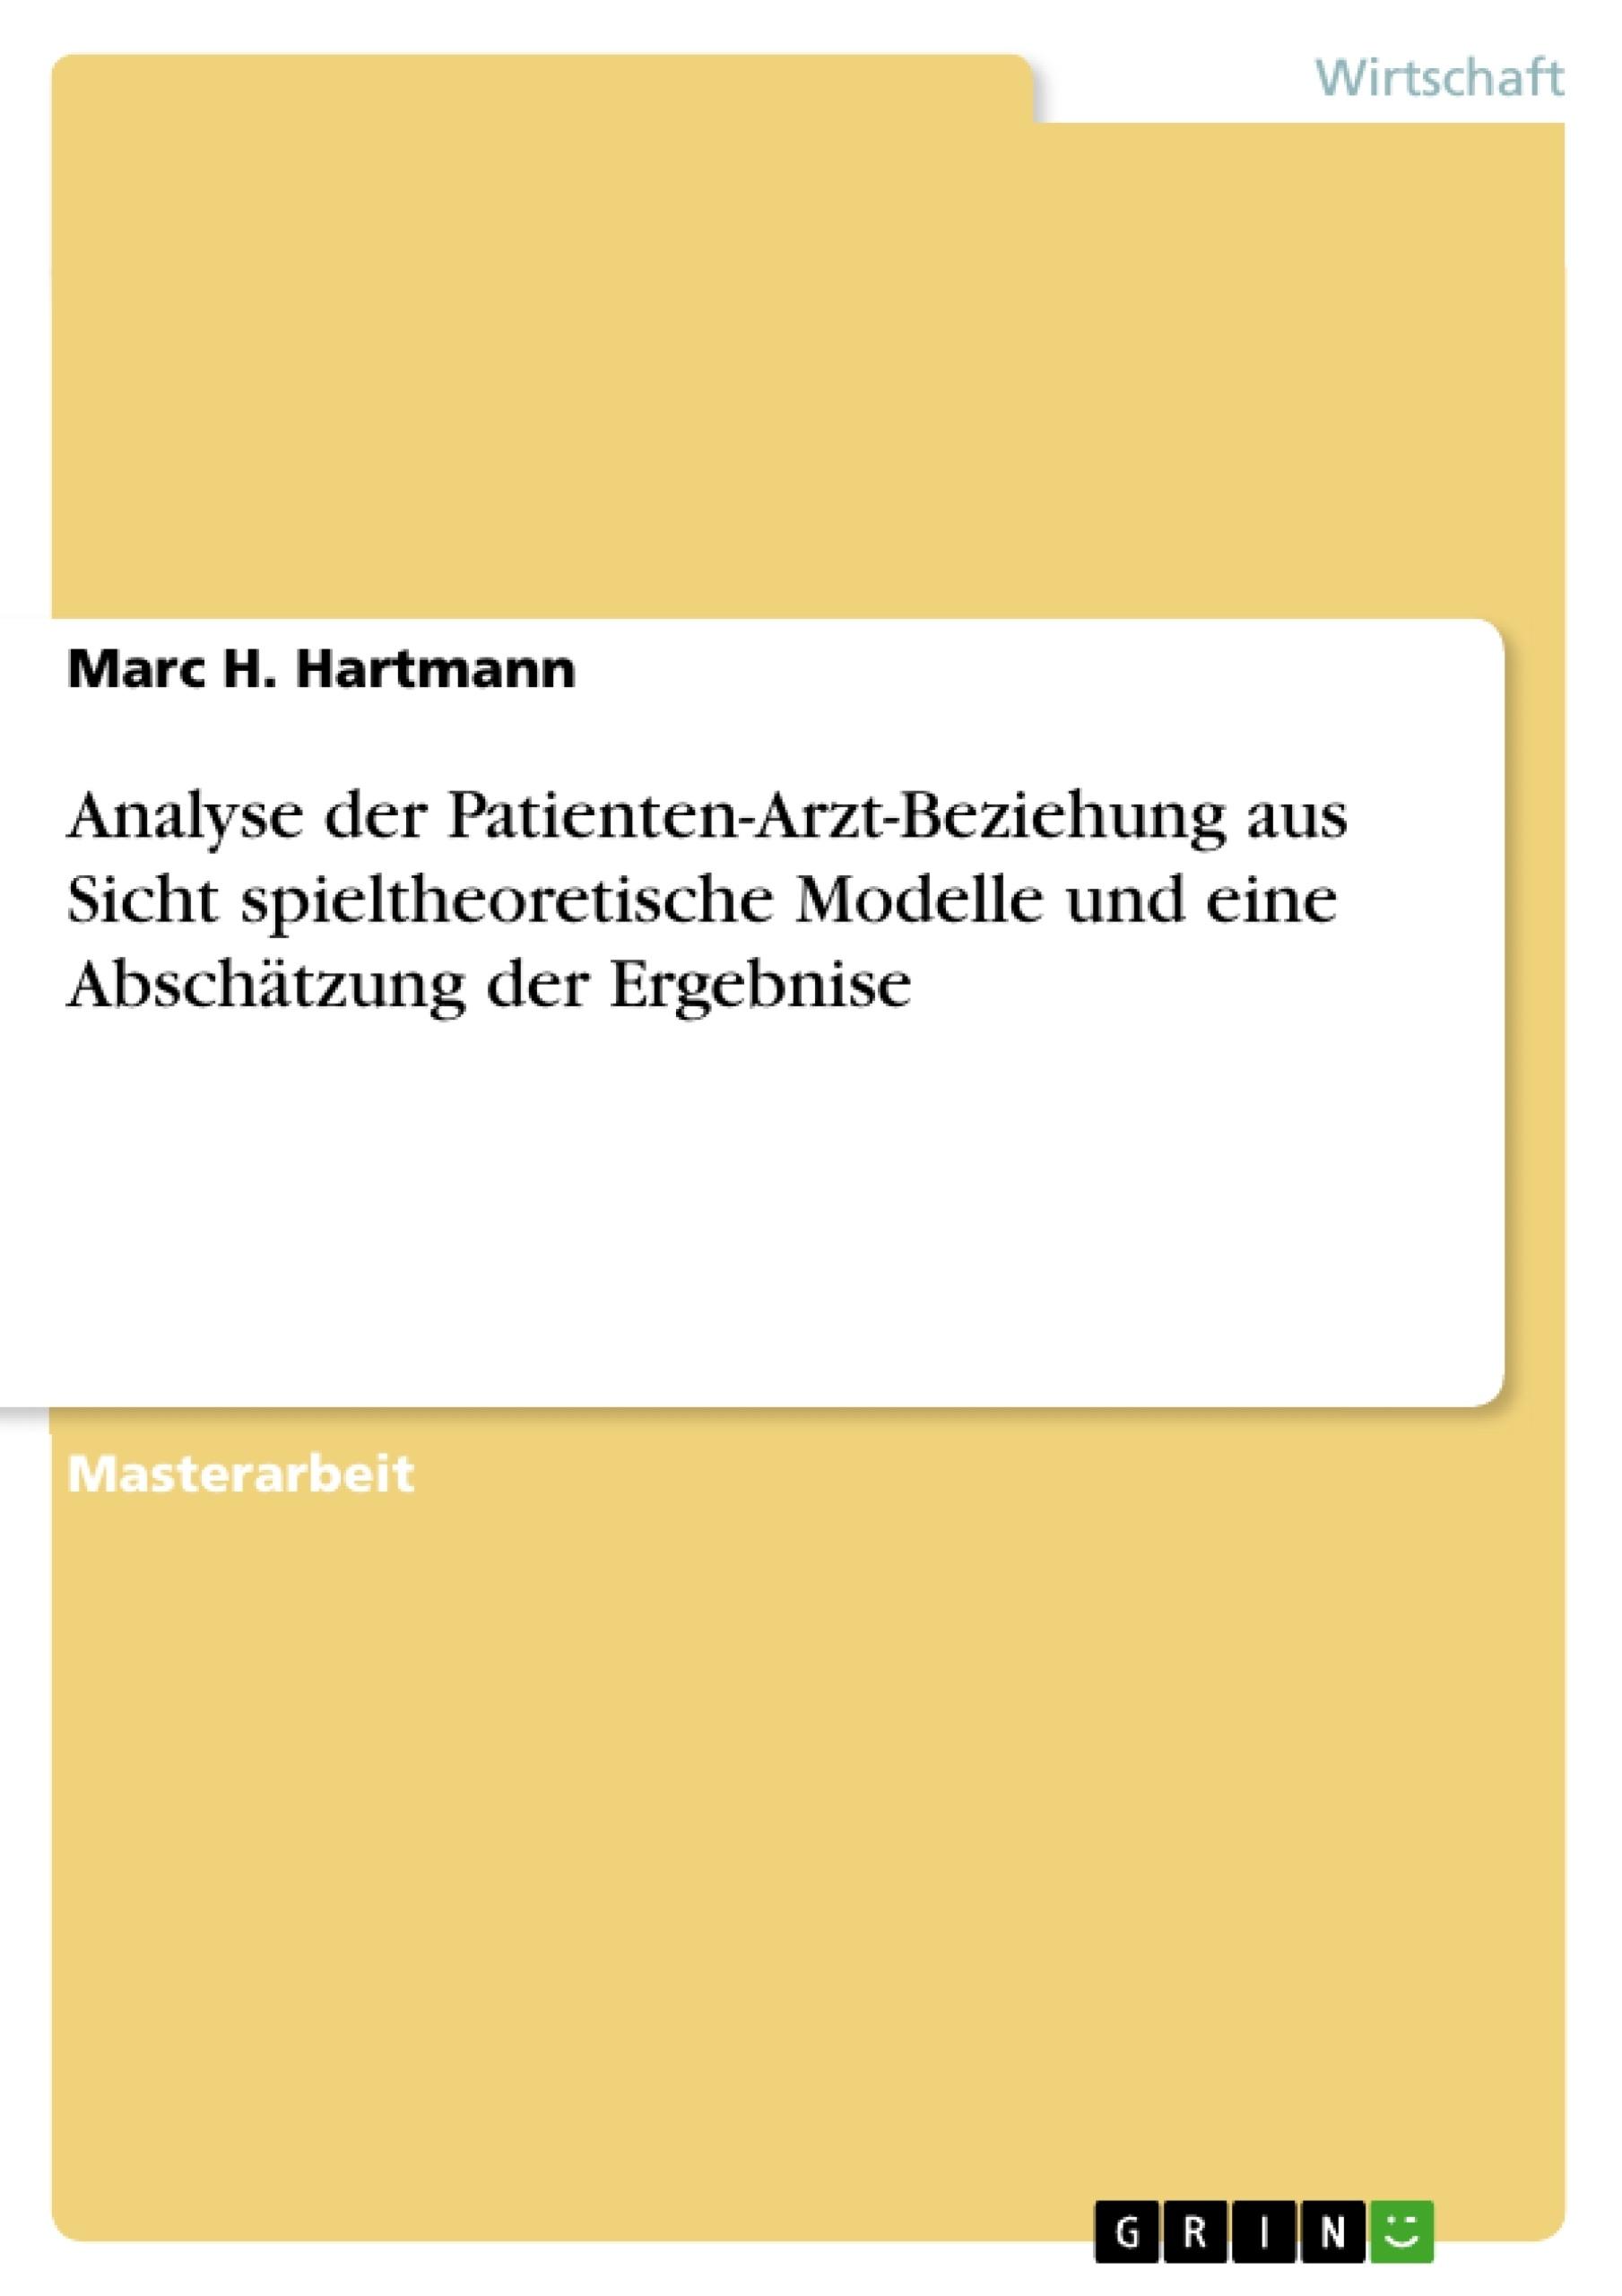 Titel: Analyse der Patienten-Arzt-Beziehung aus Sicht spieltheoretische Modelle und eine Abschätzung der Ergebnise